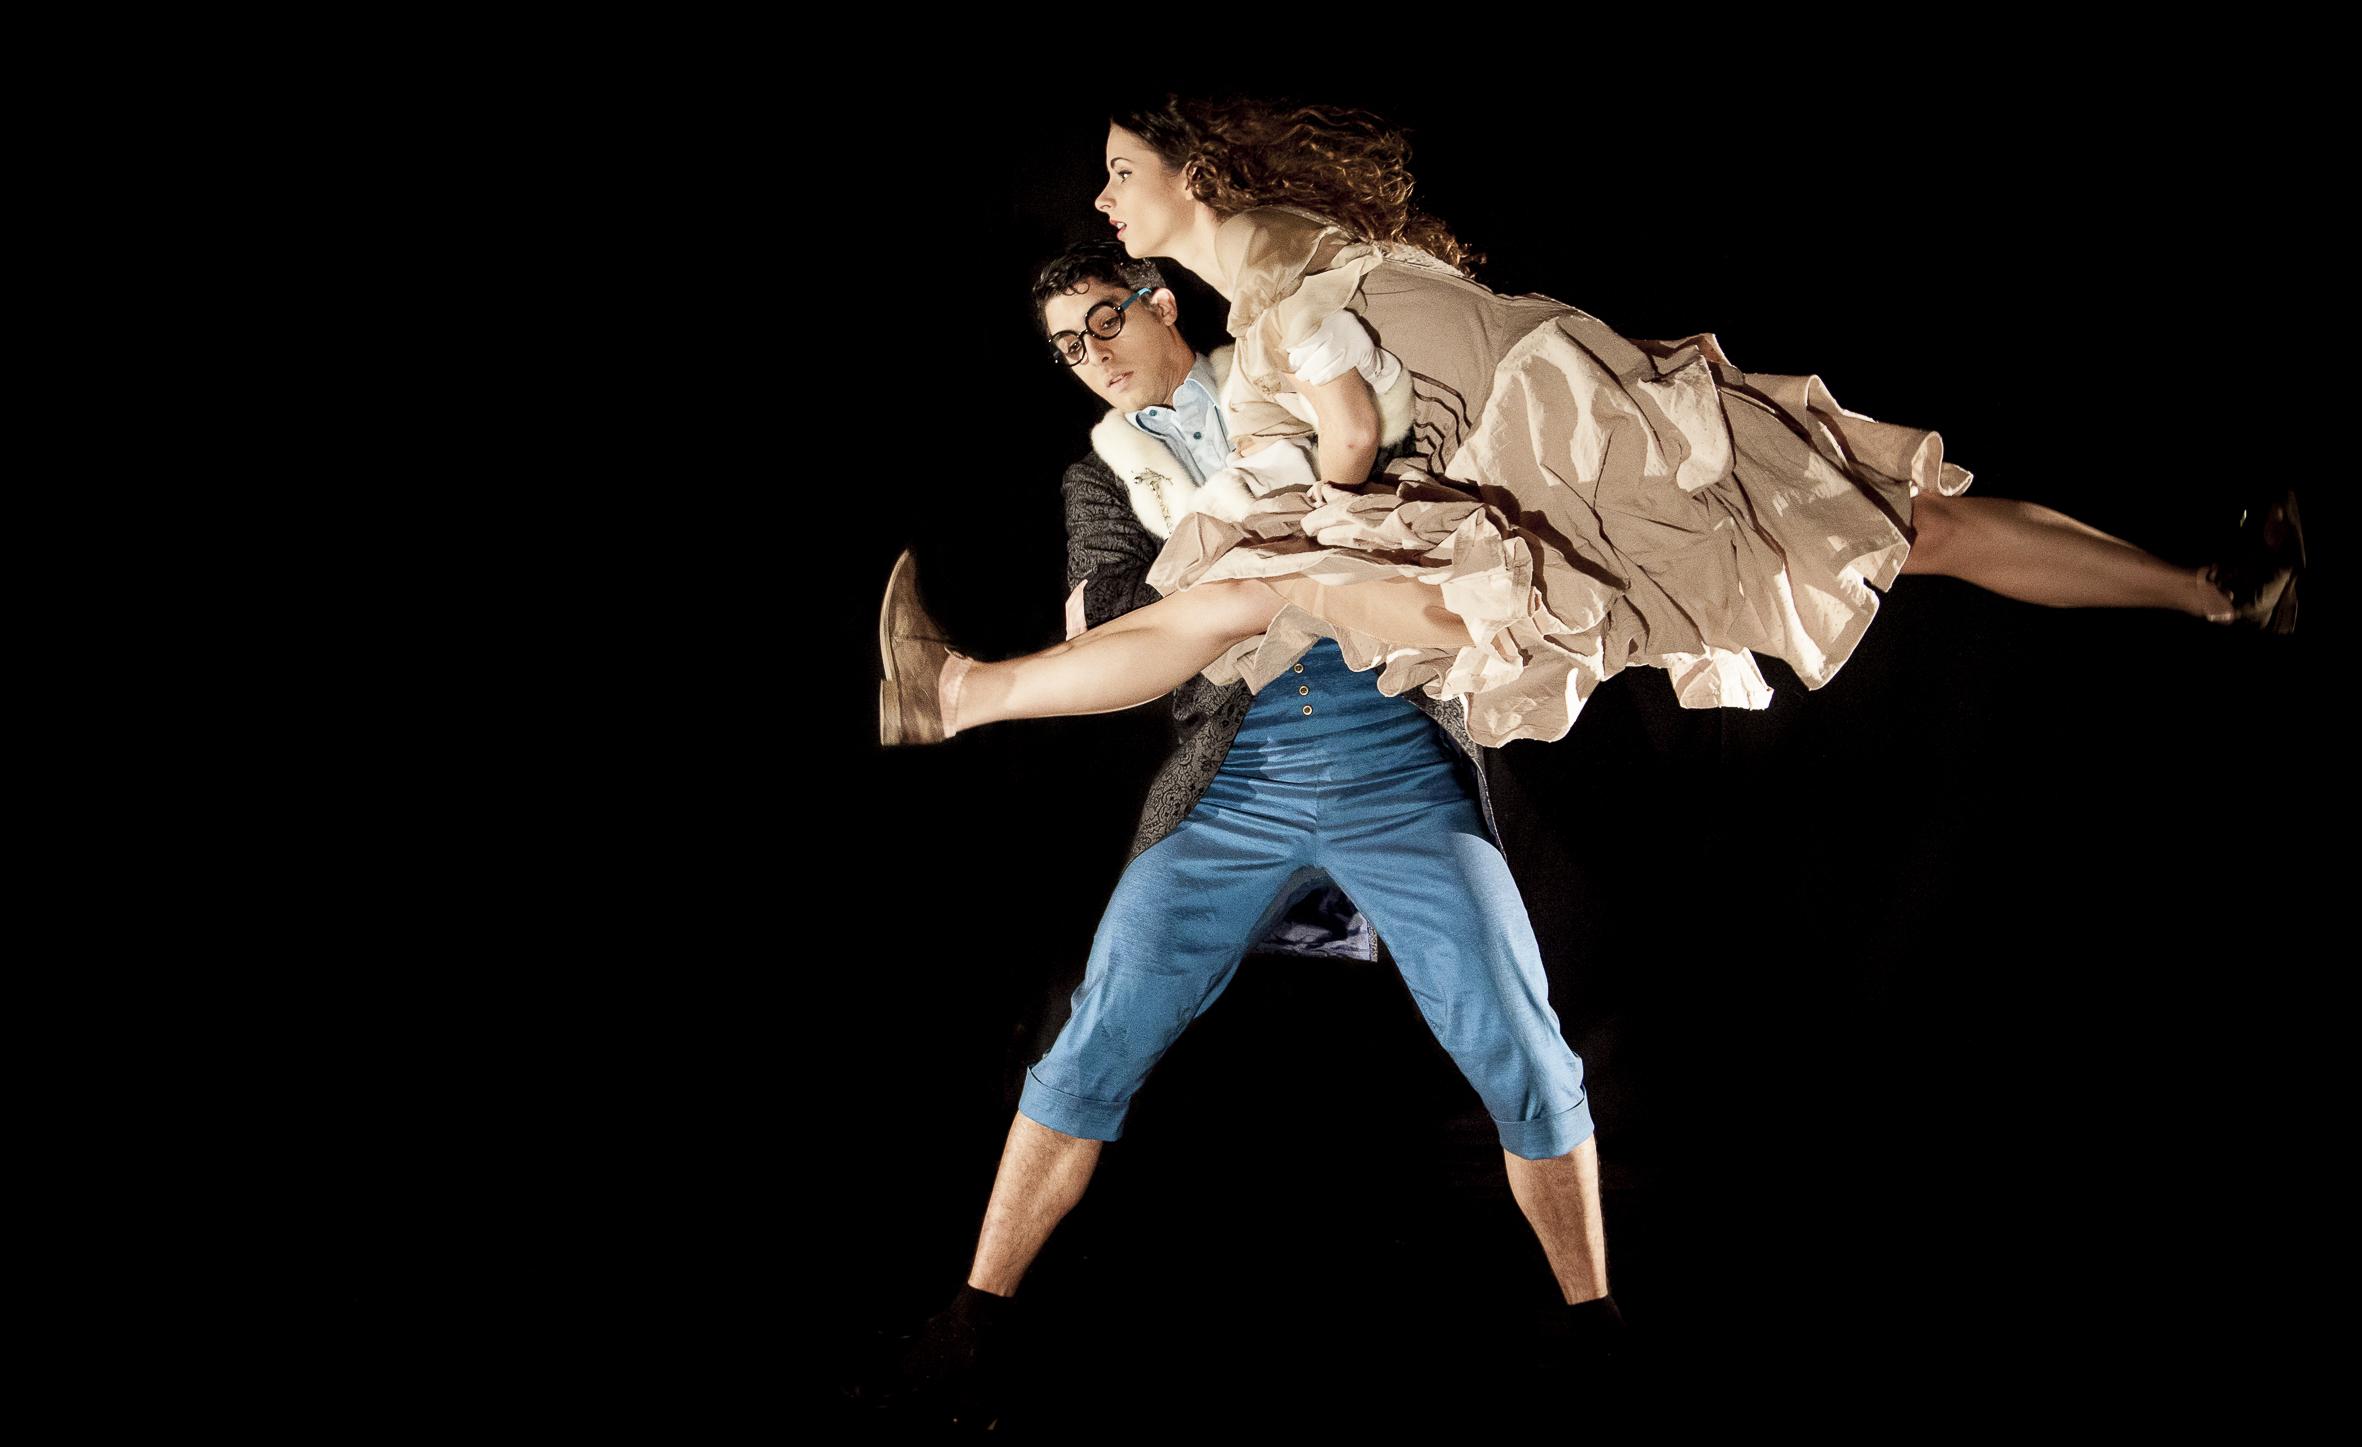 «Alicia» una versión danzada del sugerente cuenton de Lewis Carroll